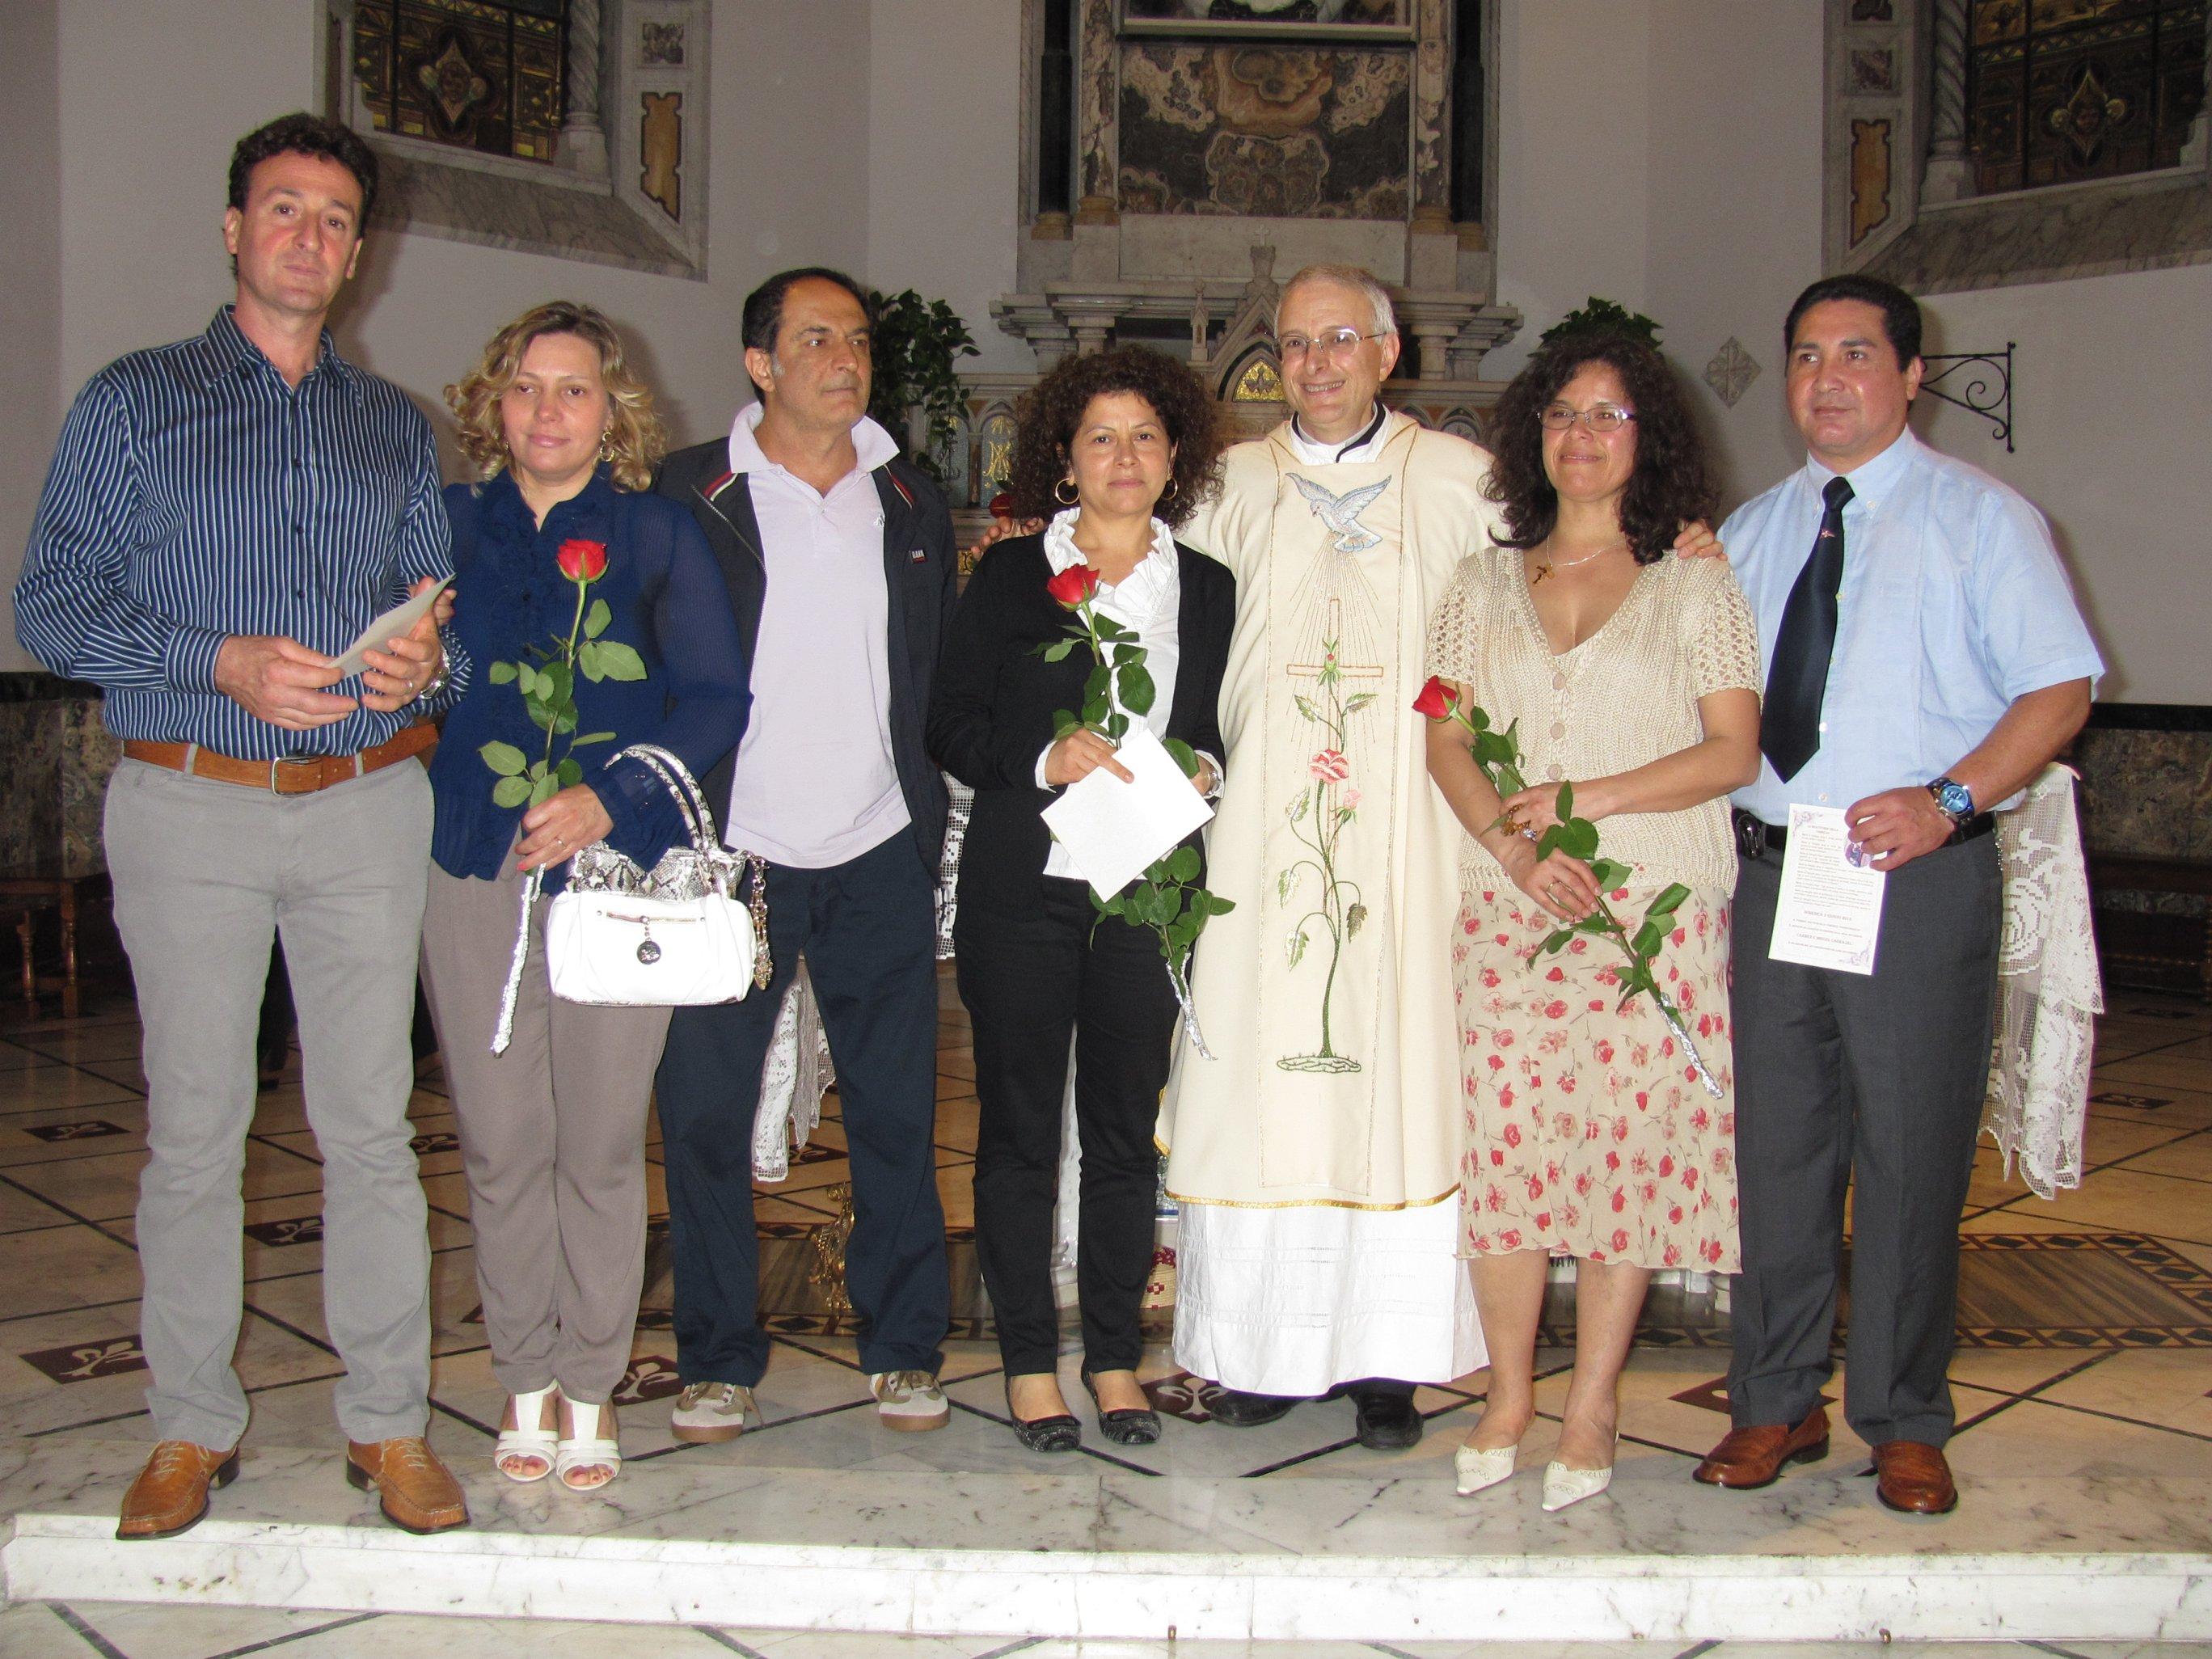 anniversari_di_matrimonio_e_di_ordinazione_2012-06-03-11-23-27